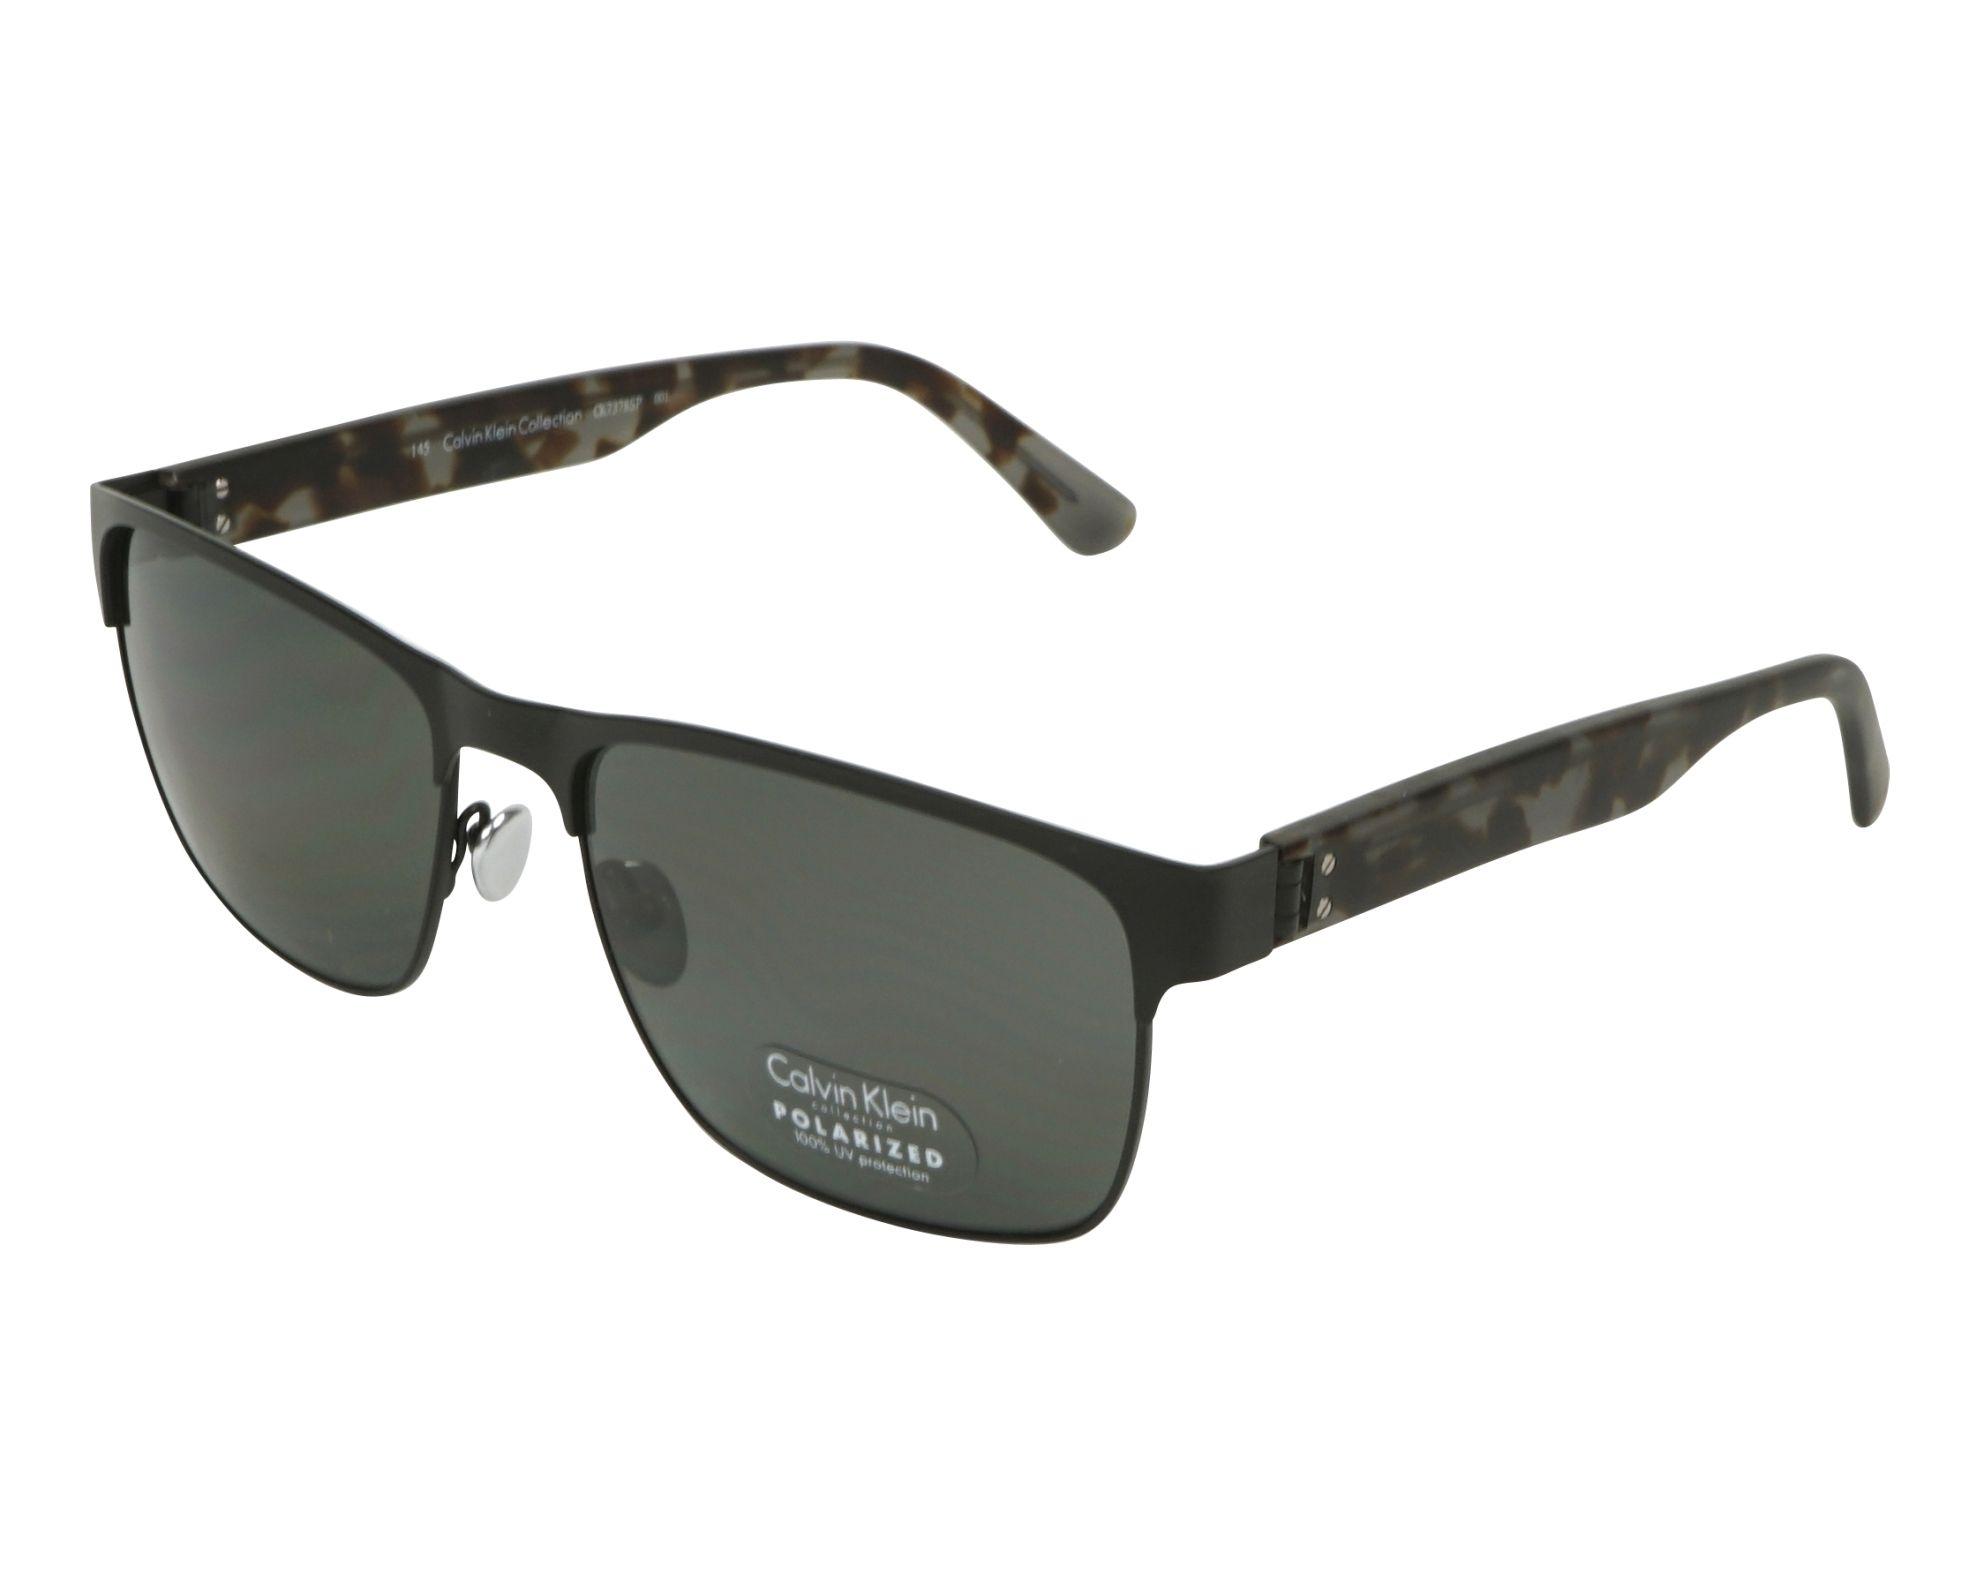 Calvin Klein Sonnenbrille schwarz-braun GJJF0vvsN